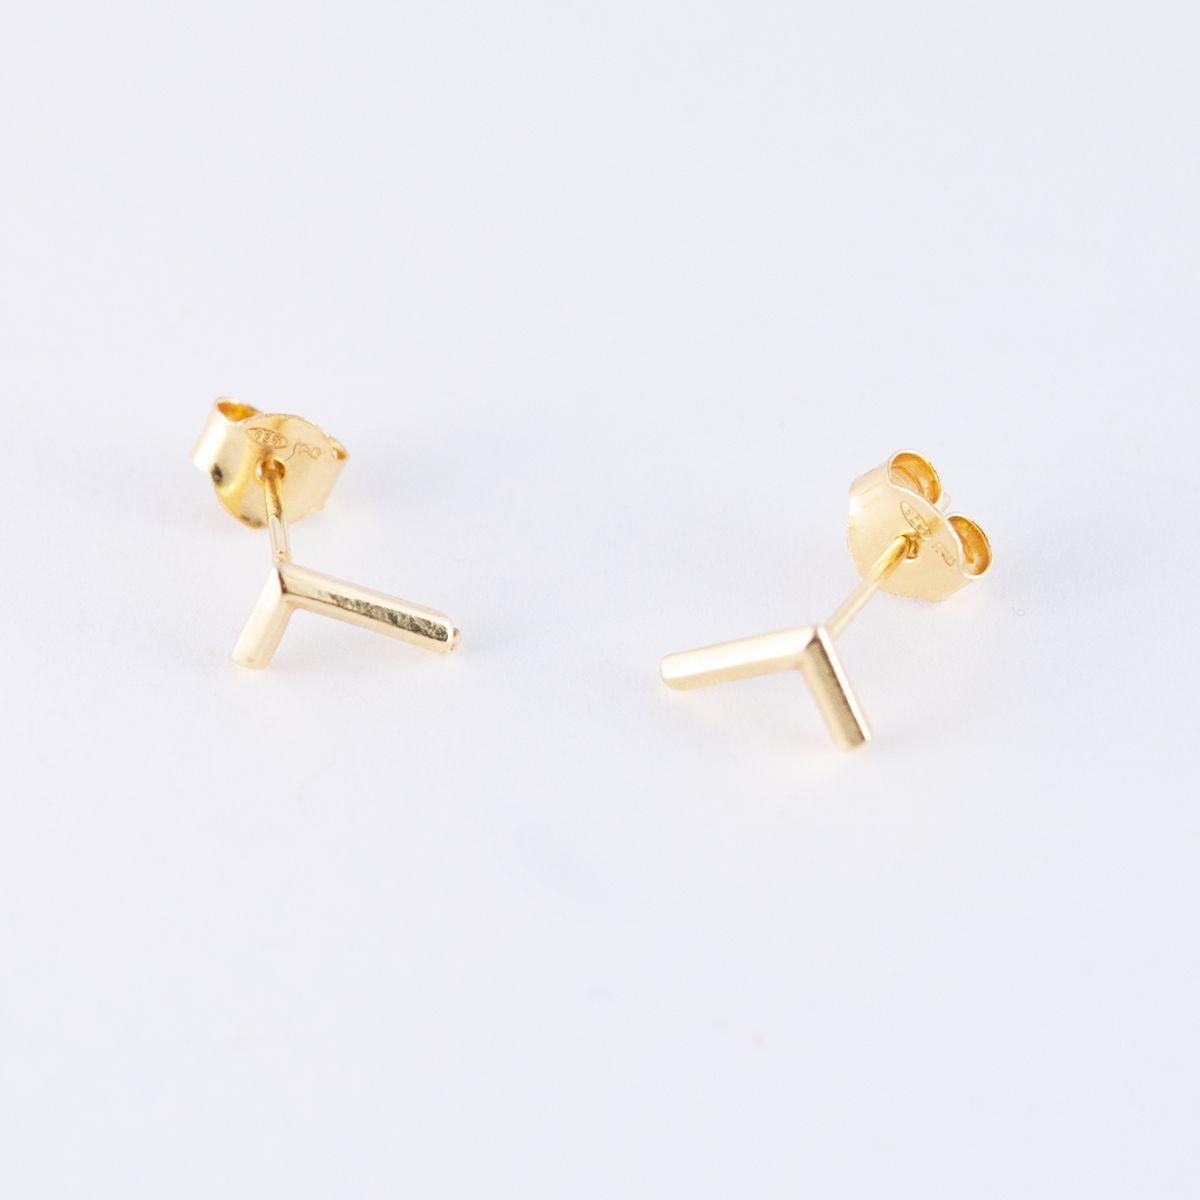 gold l shaped earrings